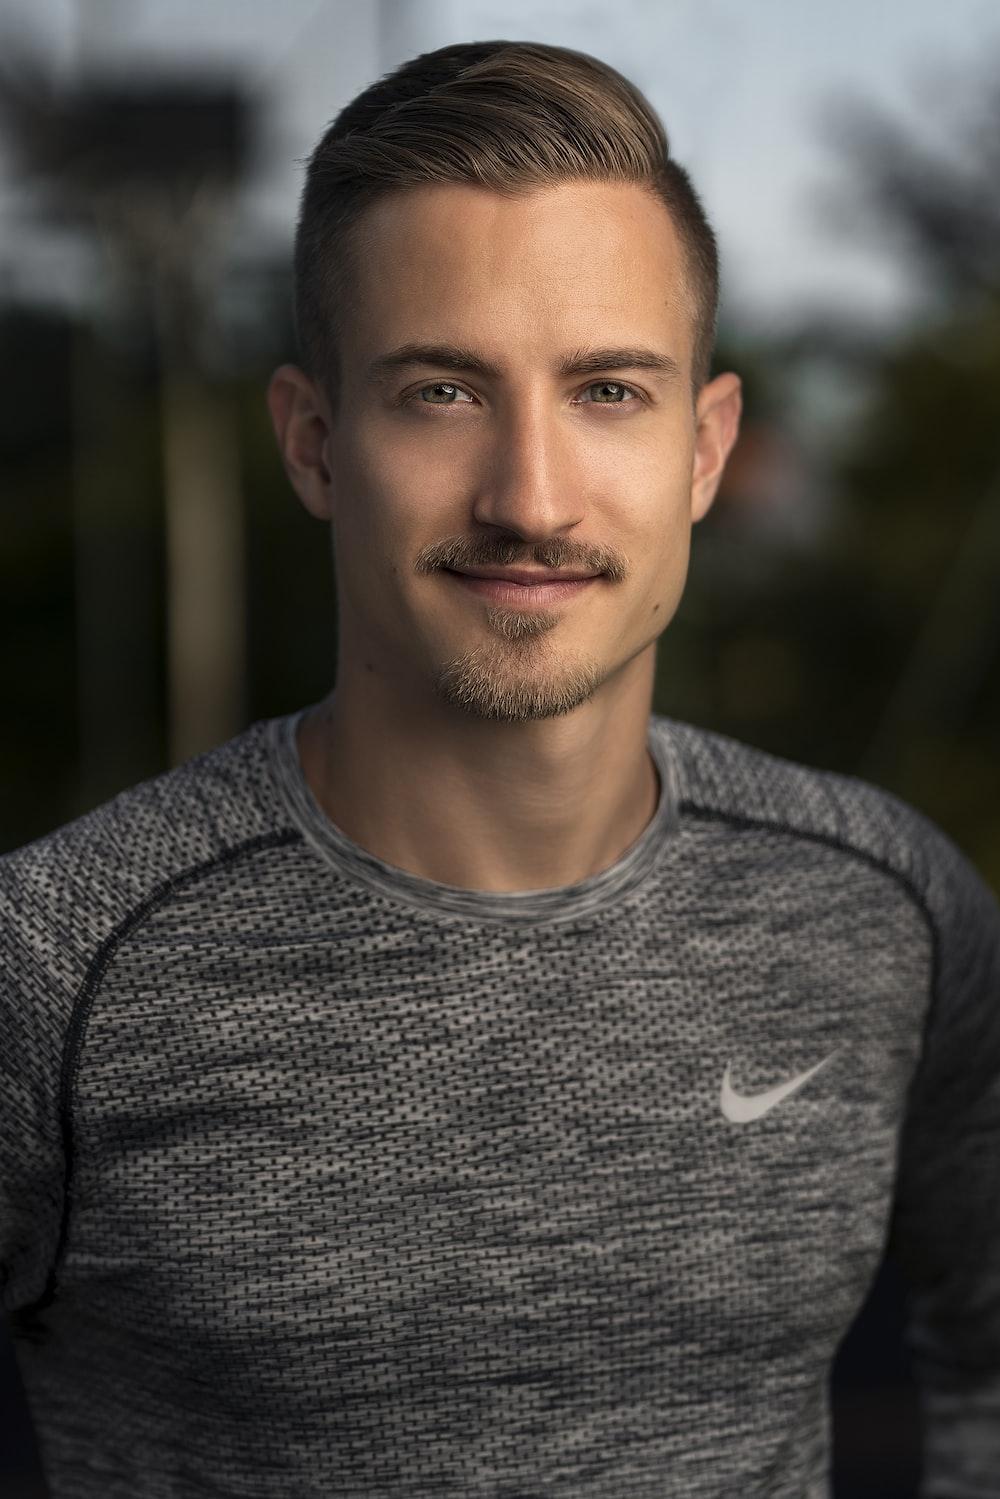 man in gray Nike top